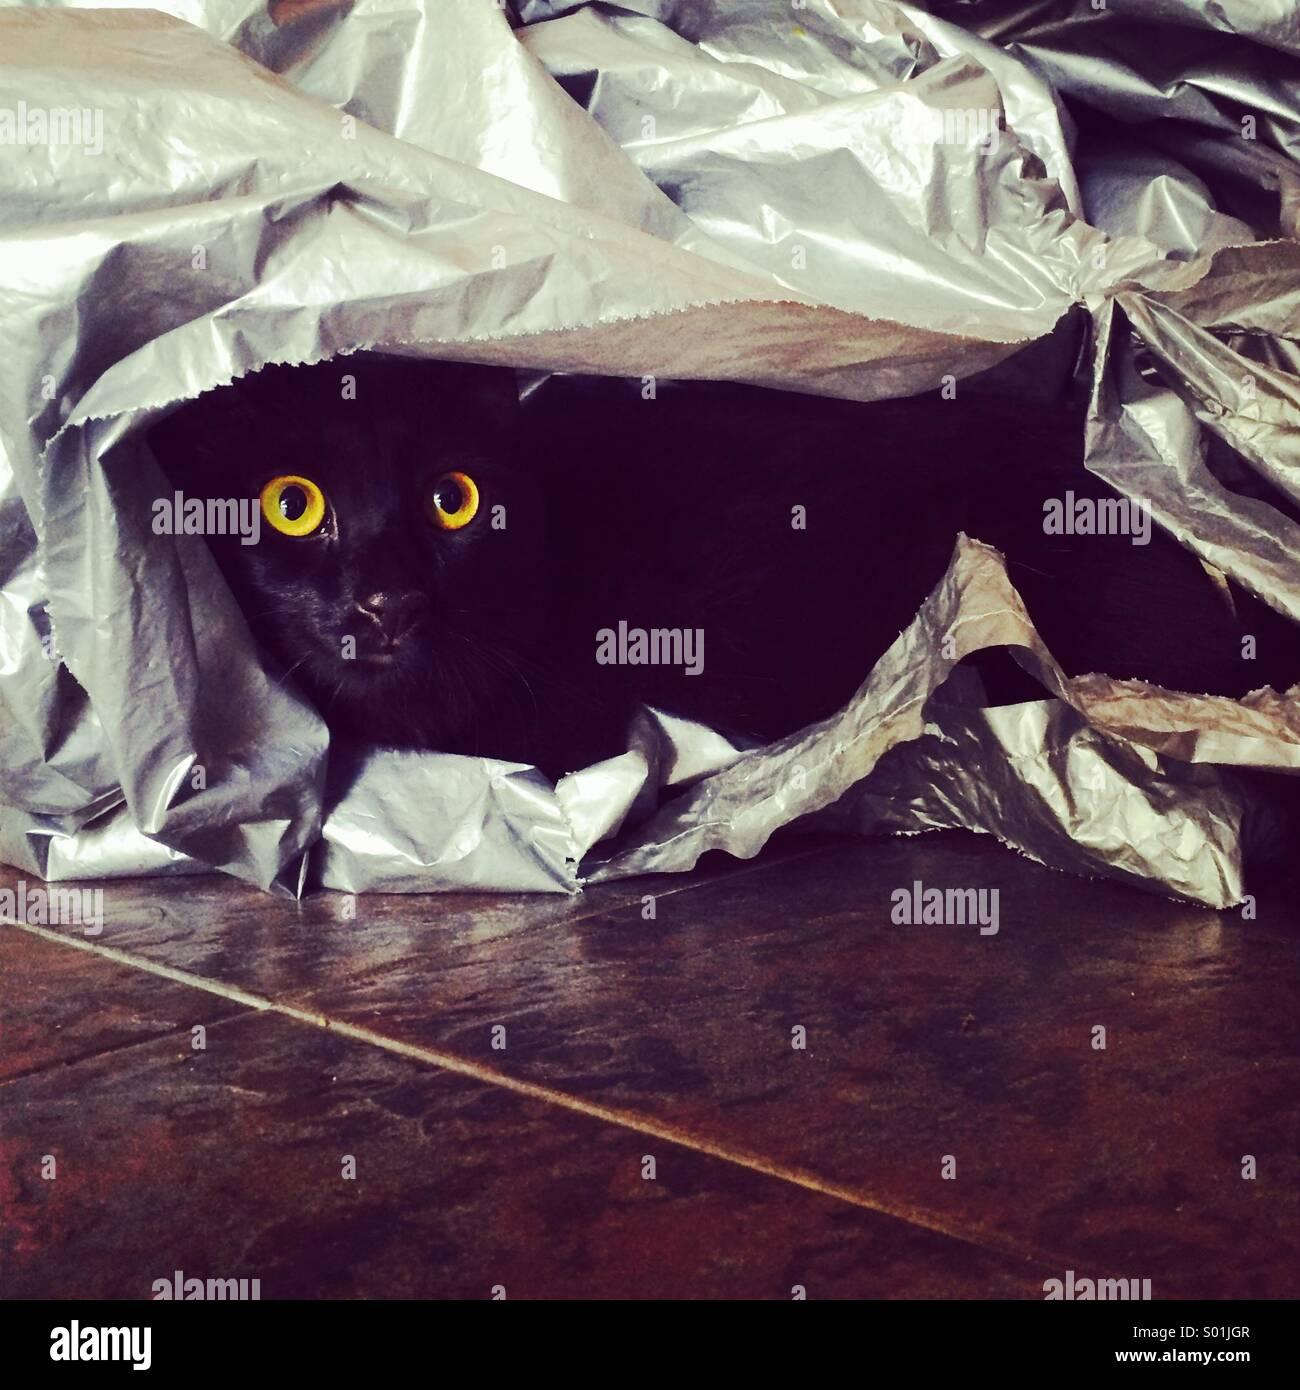 Un gato negro bajo envolturas de plástico Foto de stock